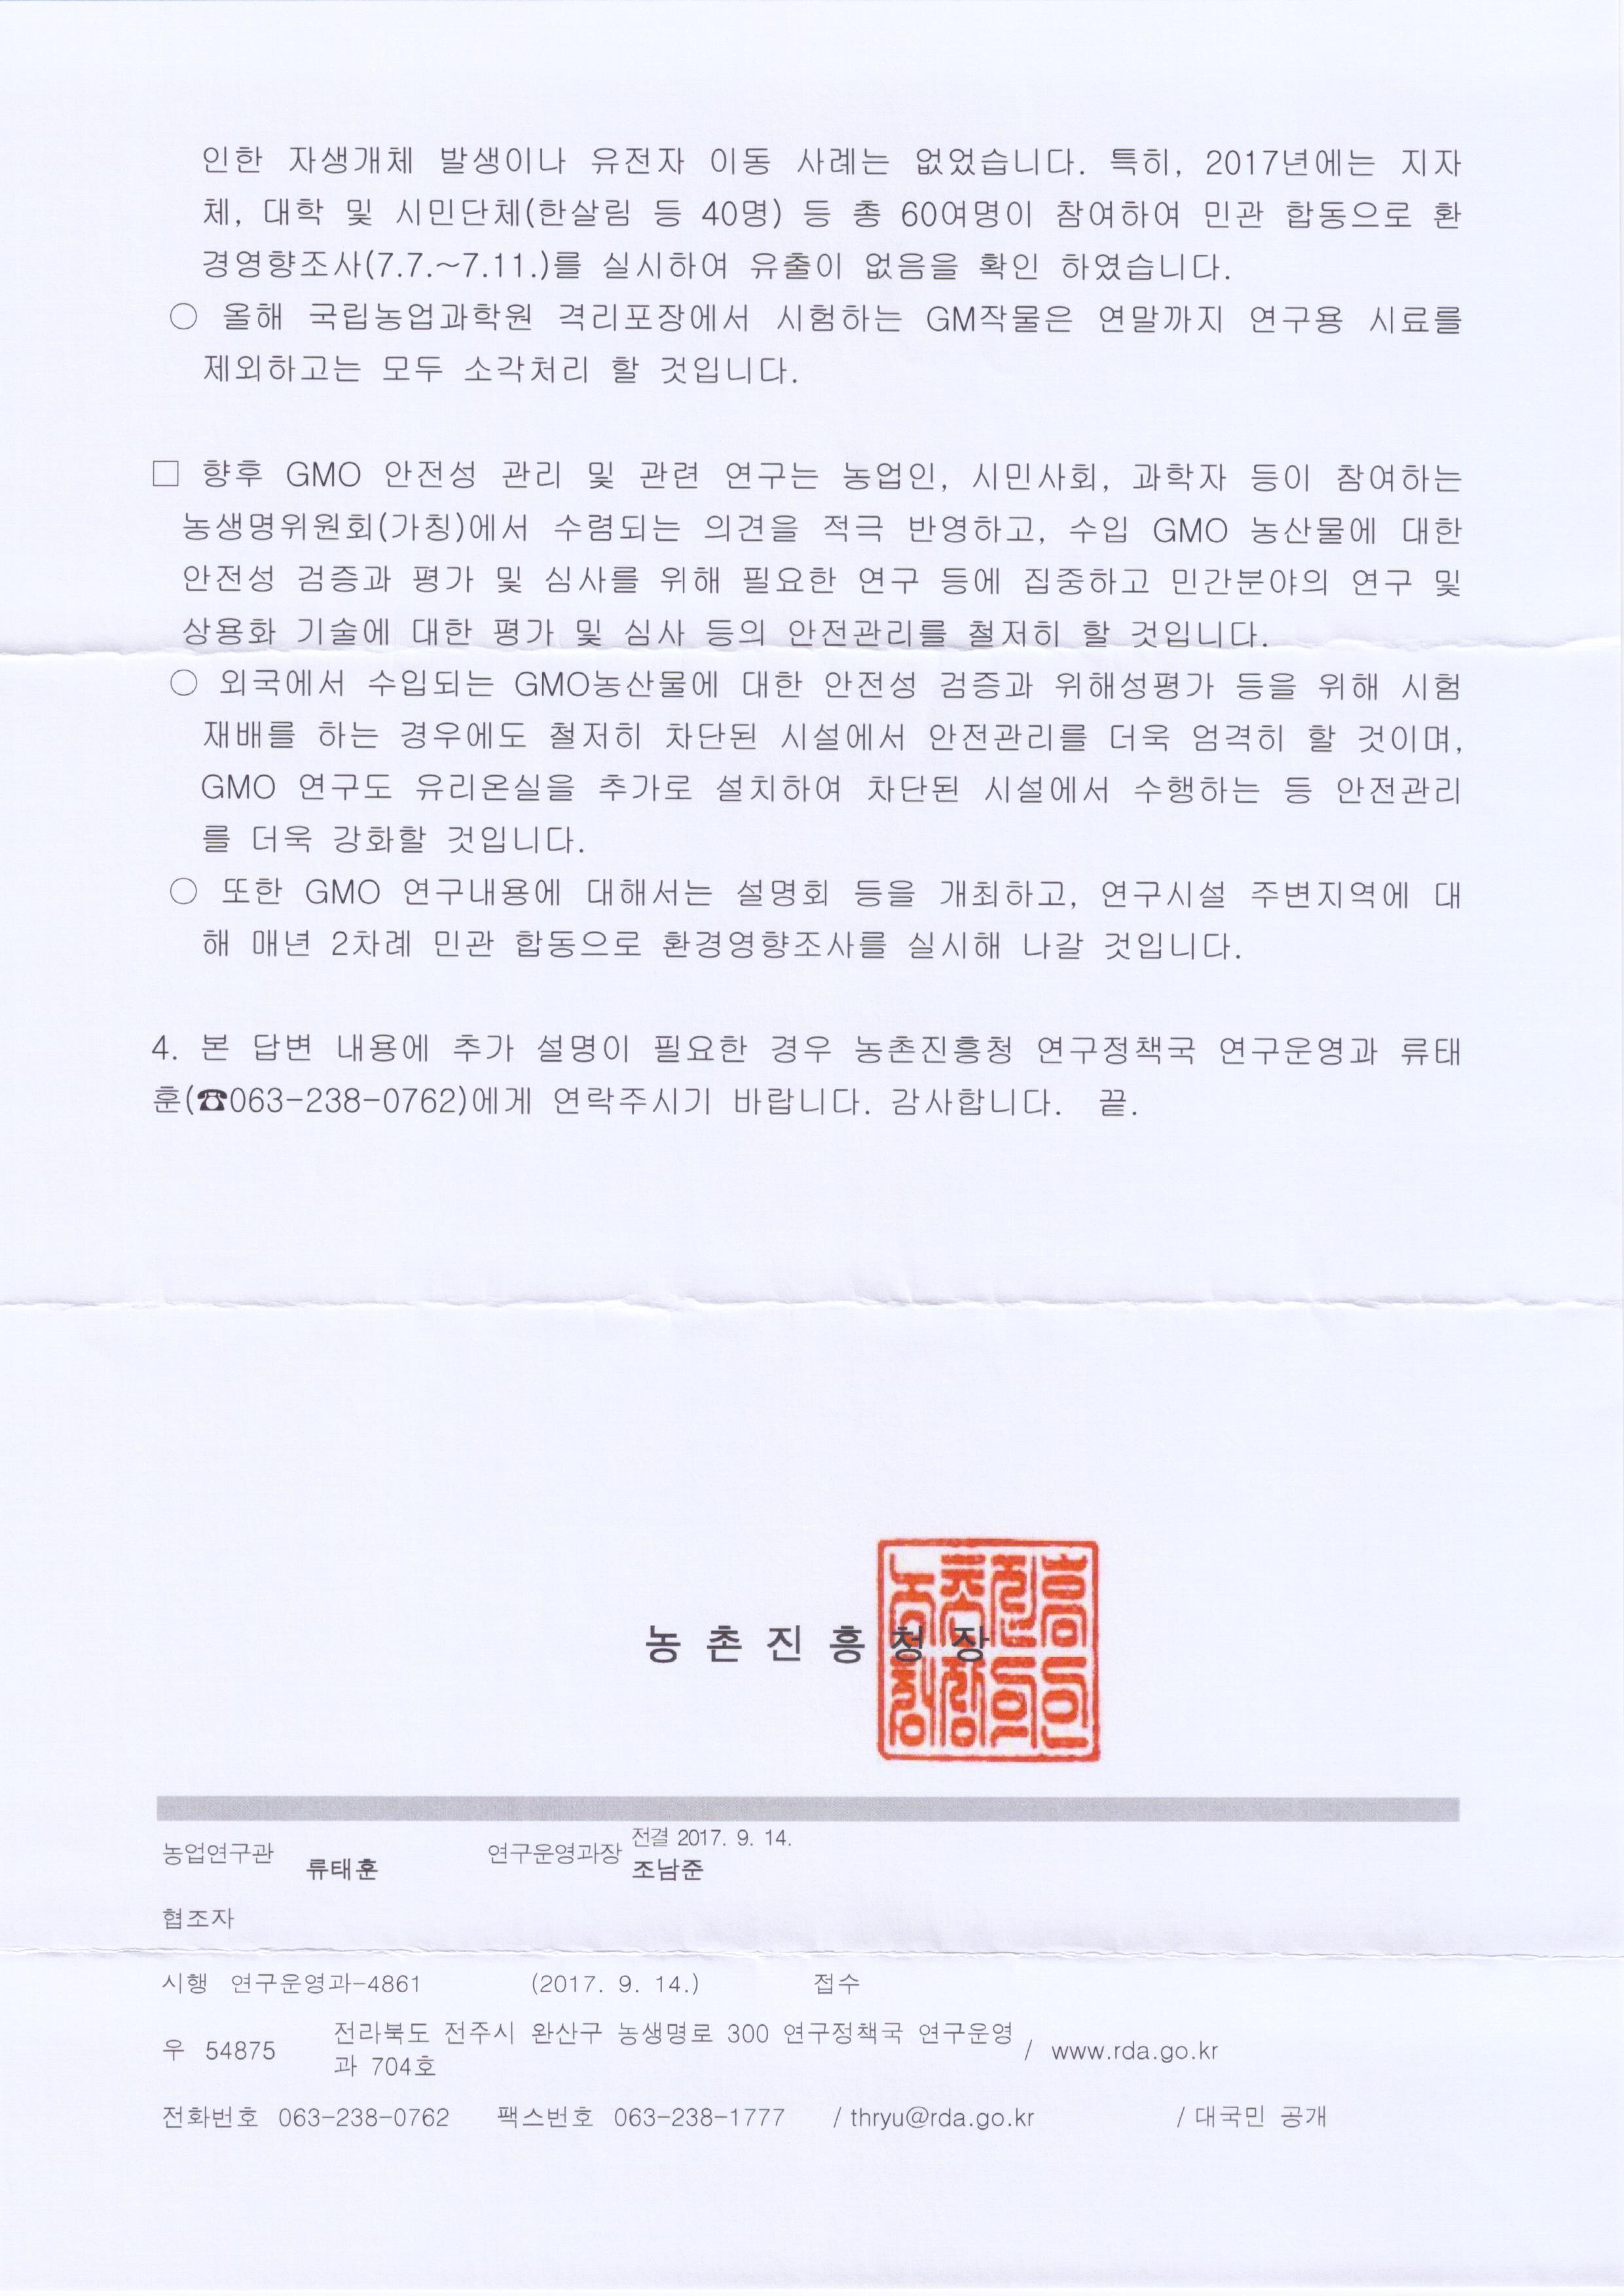 17.9.14_농촌진흥청 연구운영과-4861호 002.jpg